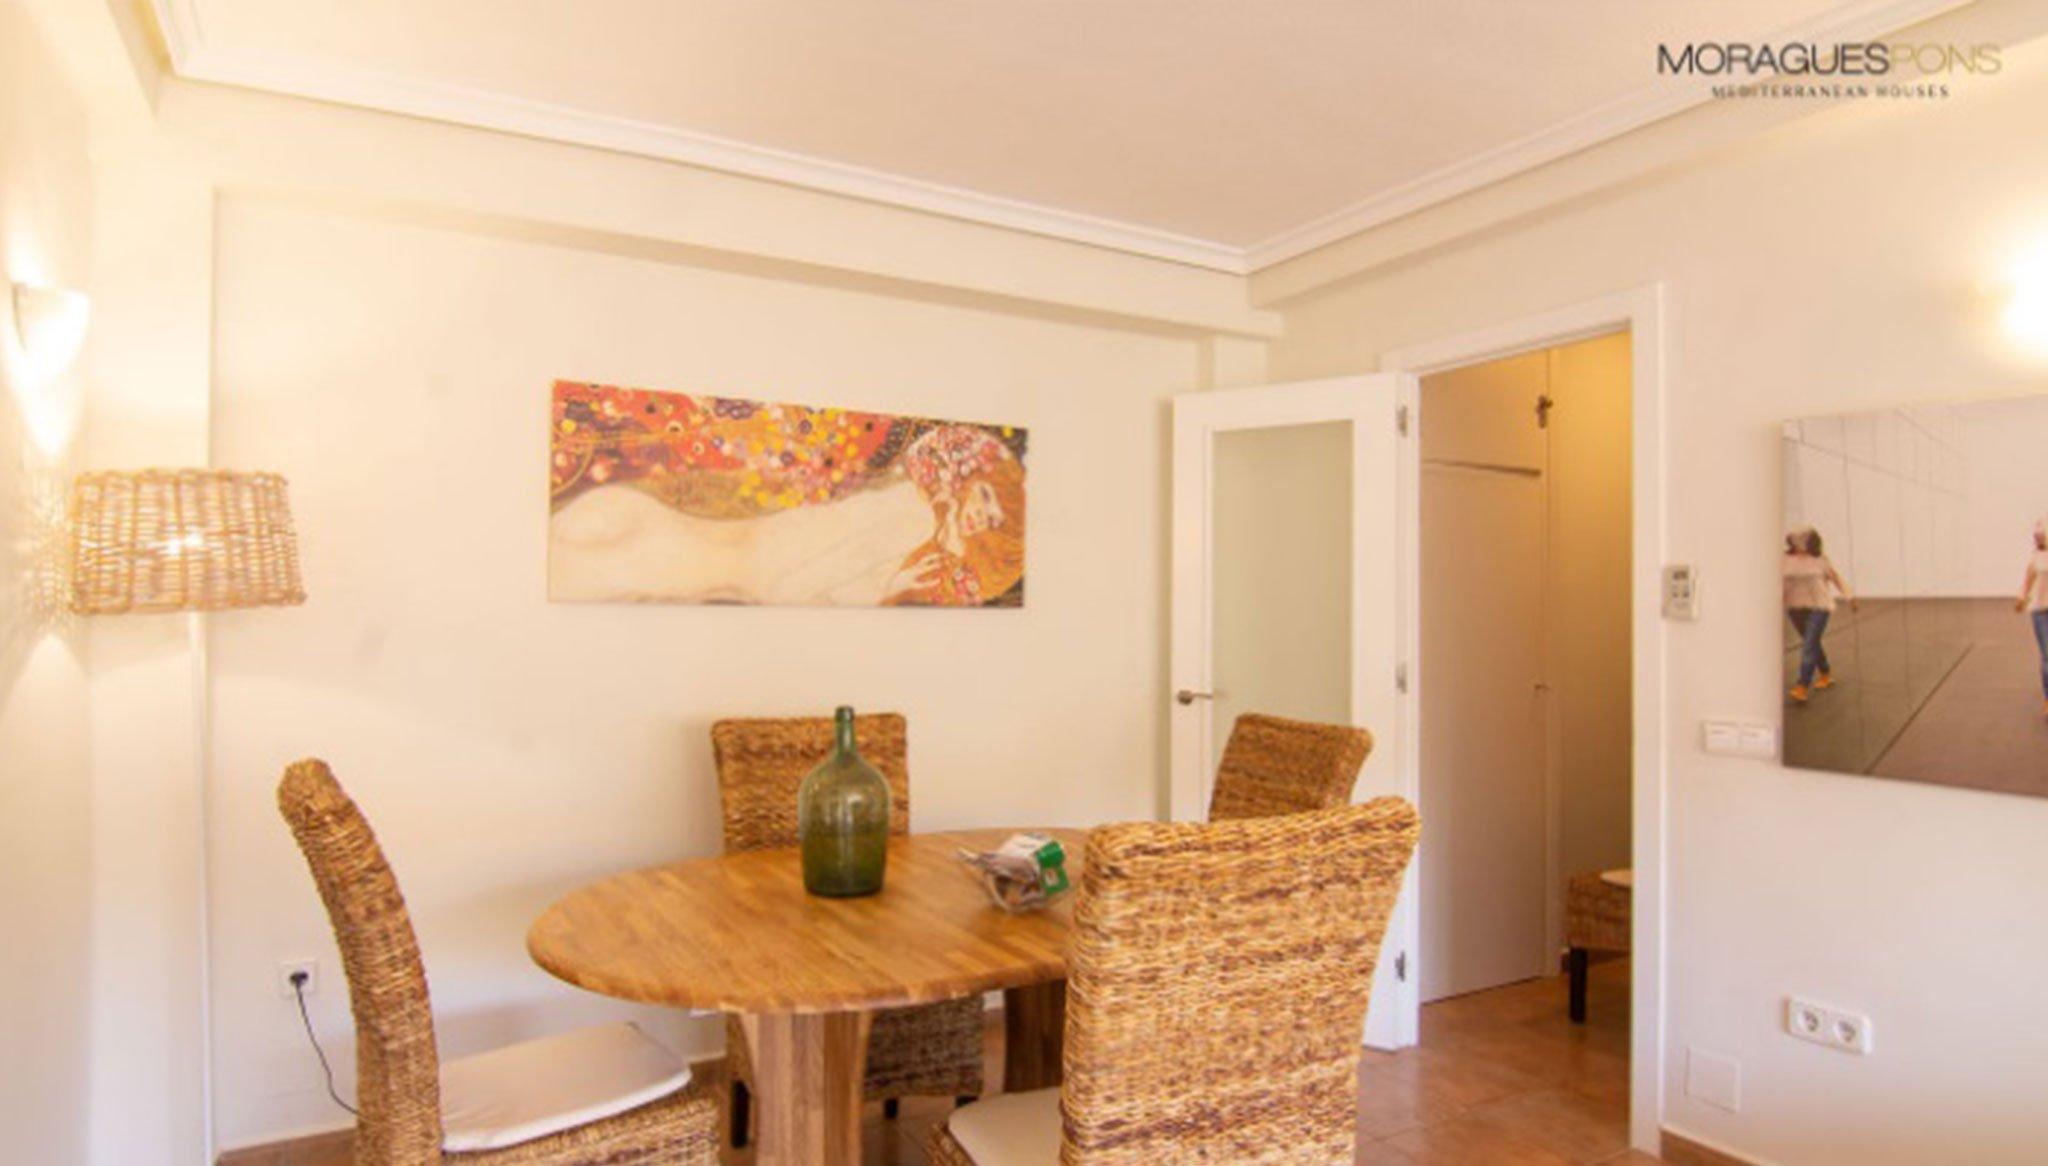 Comedor de un acogedor apartamento en venta en Jávea – MORAGUESPONS Mediterranean Houses